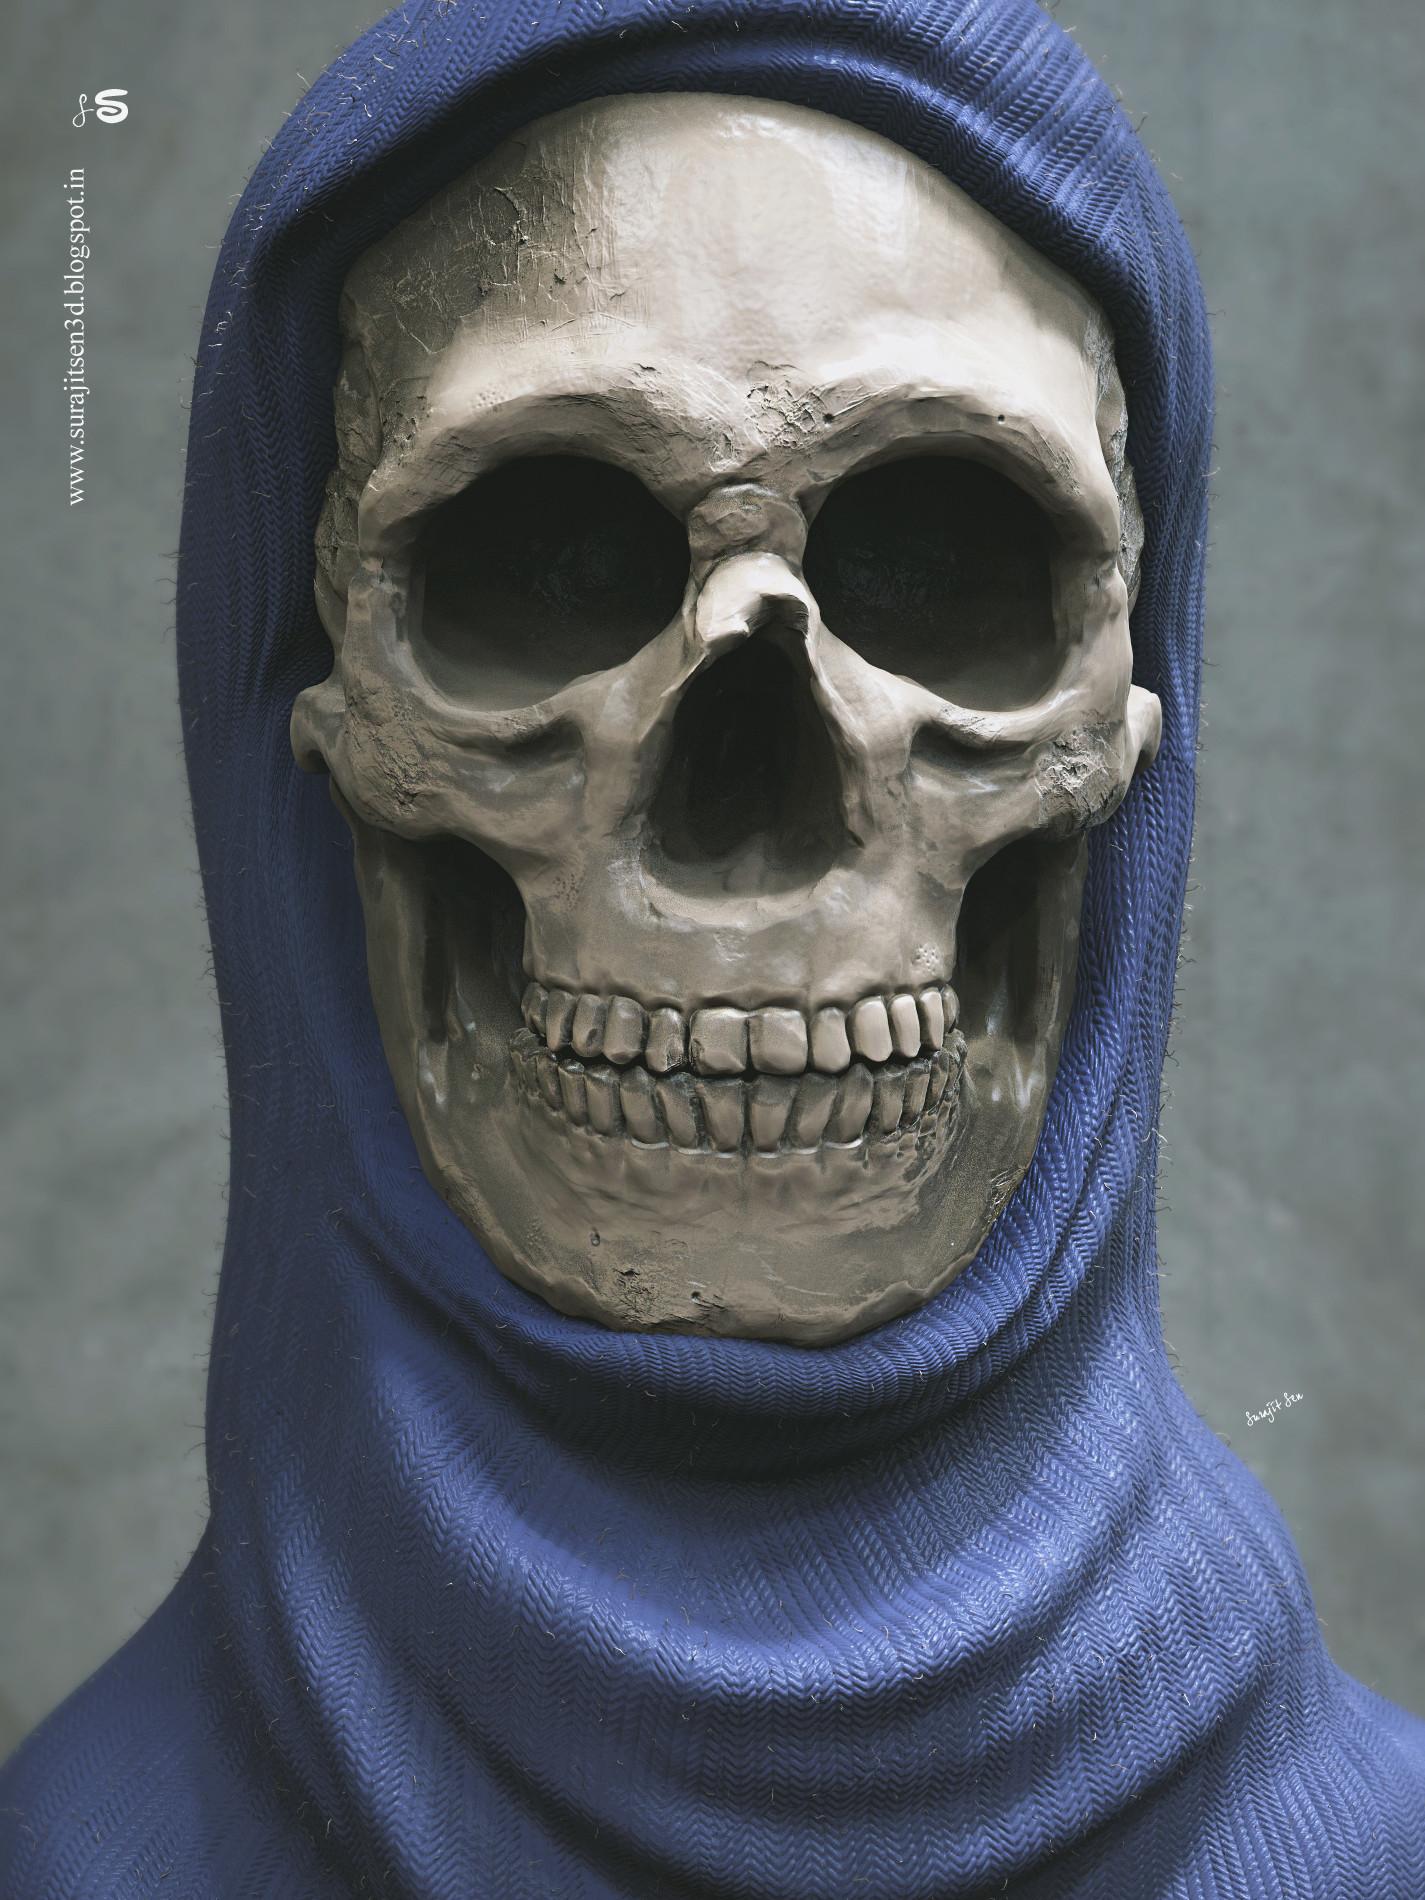 Surajit sen cooly digital sculpt by surajitsen jan2019